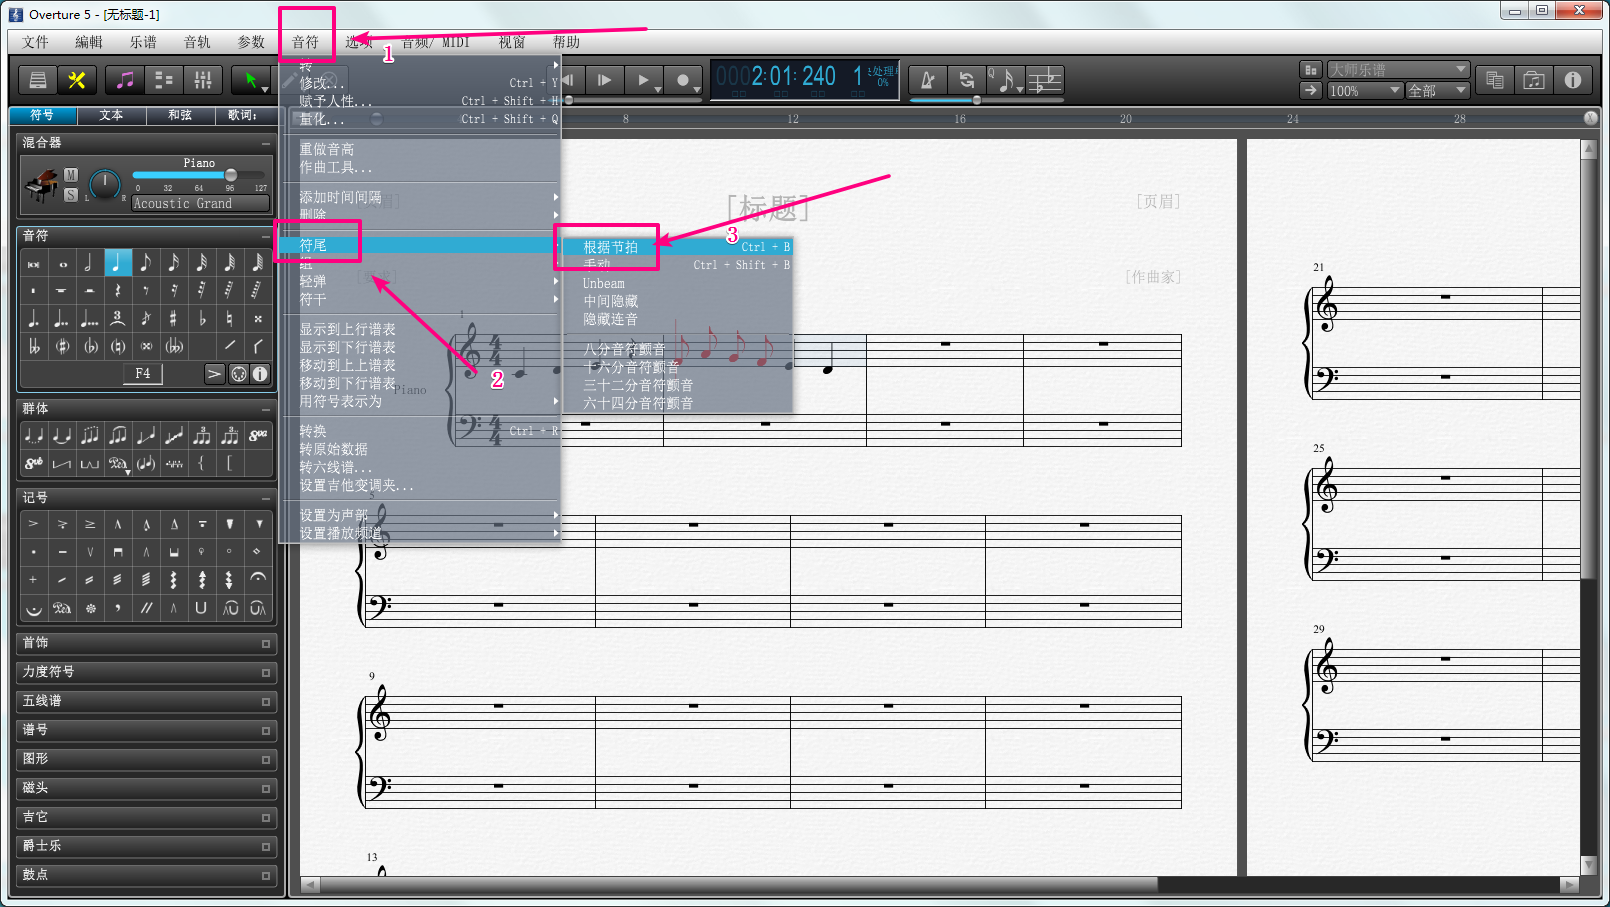 音符-符尾-根据节拍